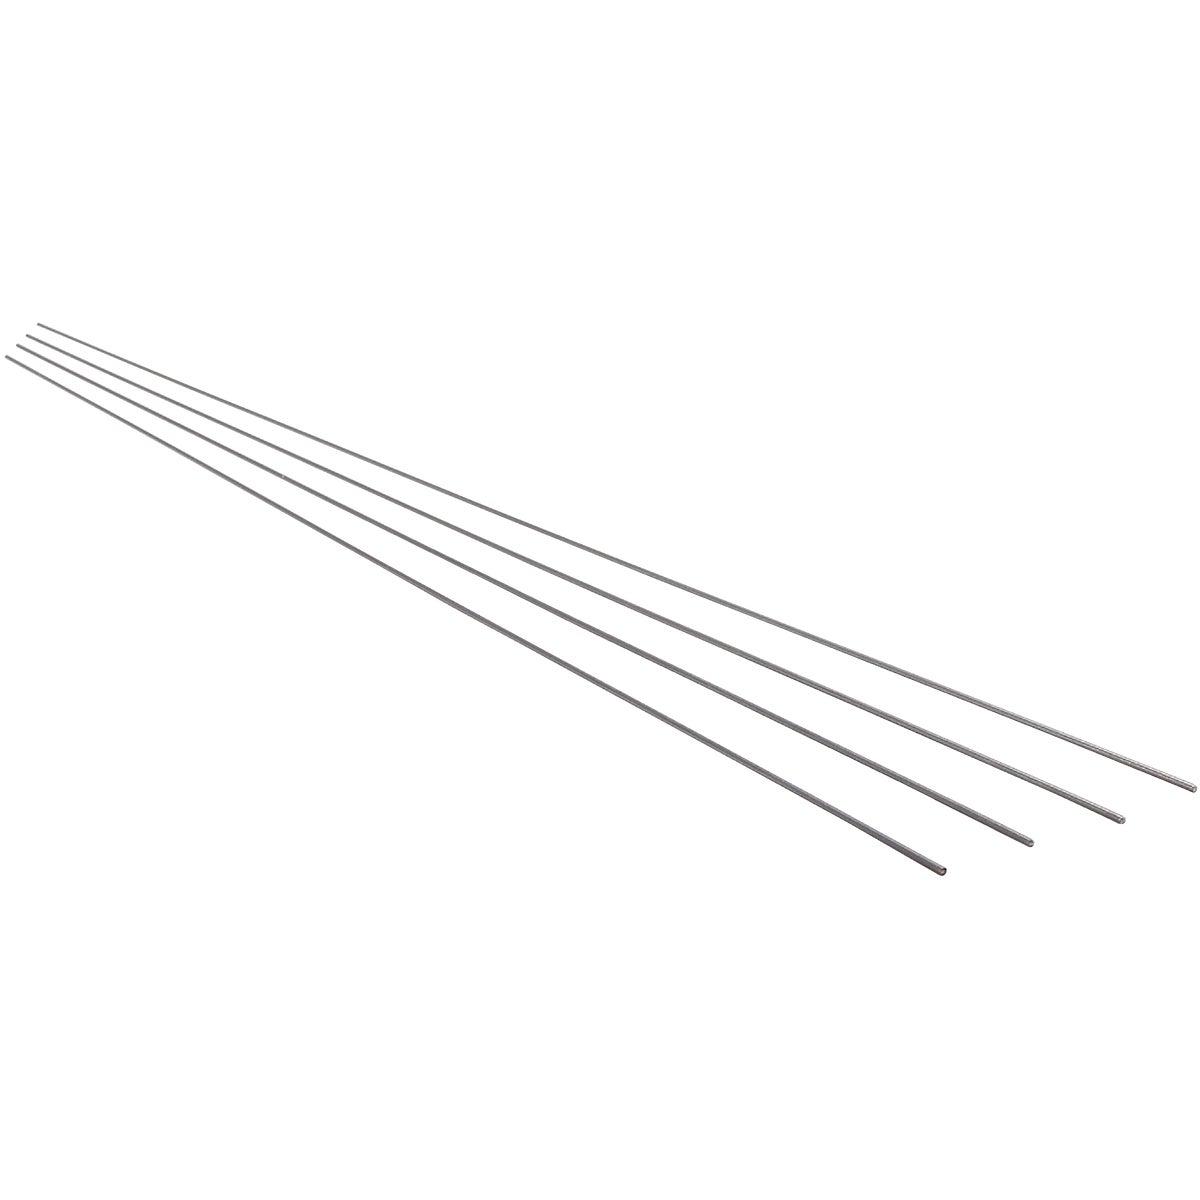 K&S .032 In. x 36 In. Steel Music Wire